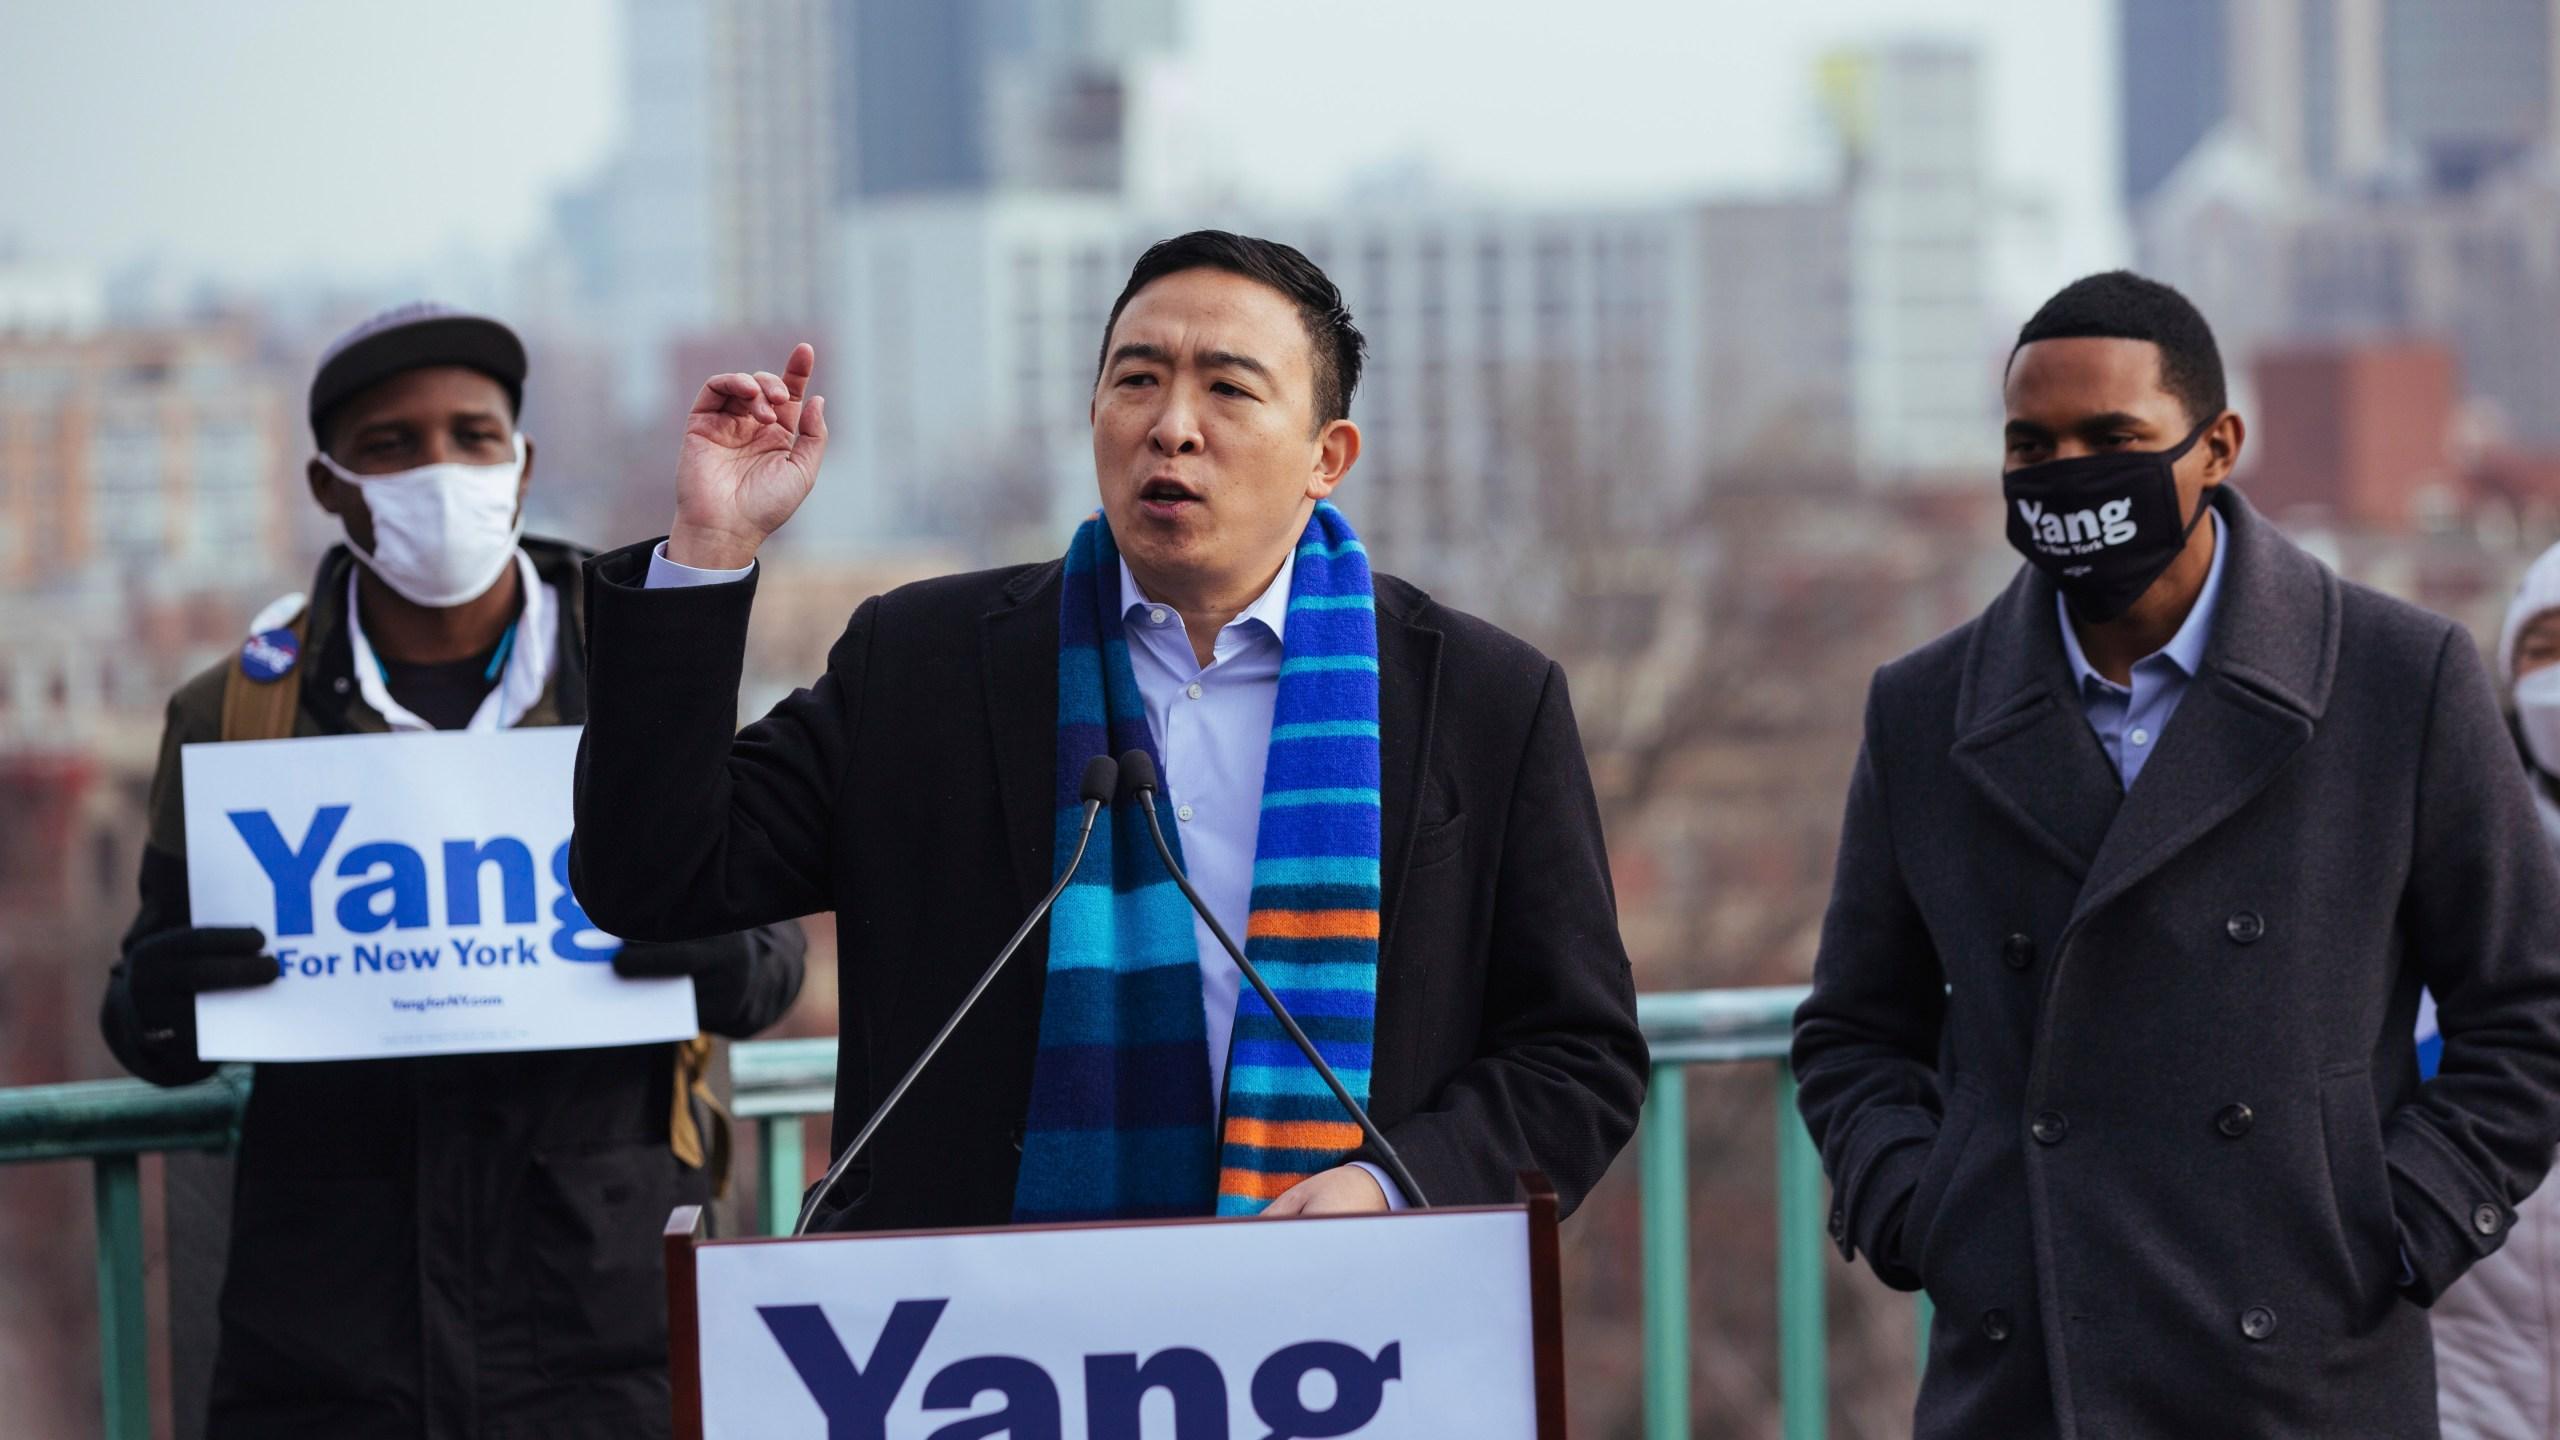 NYC Mayor's Race Yang